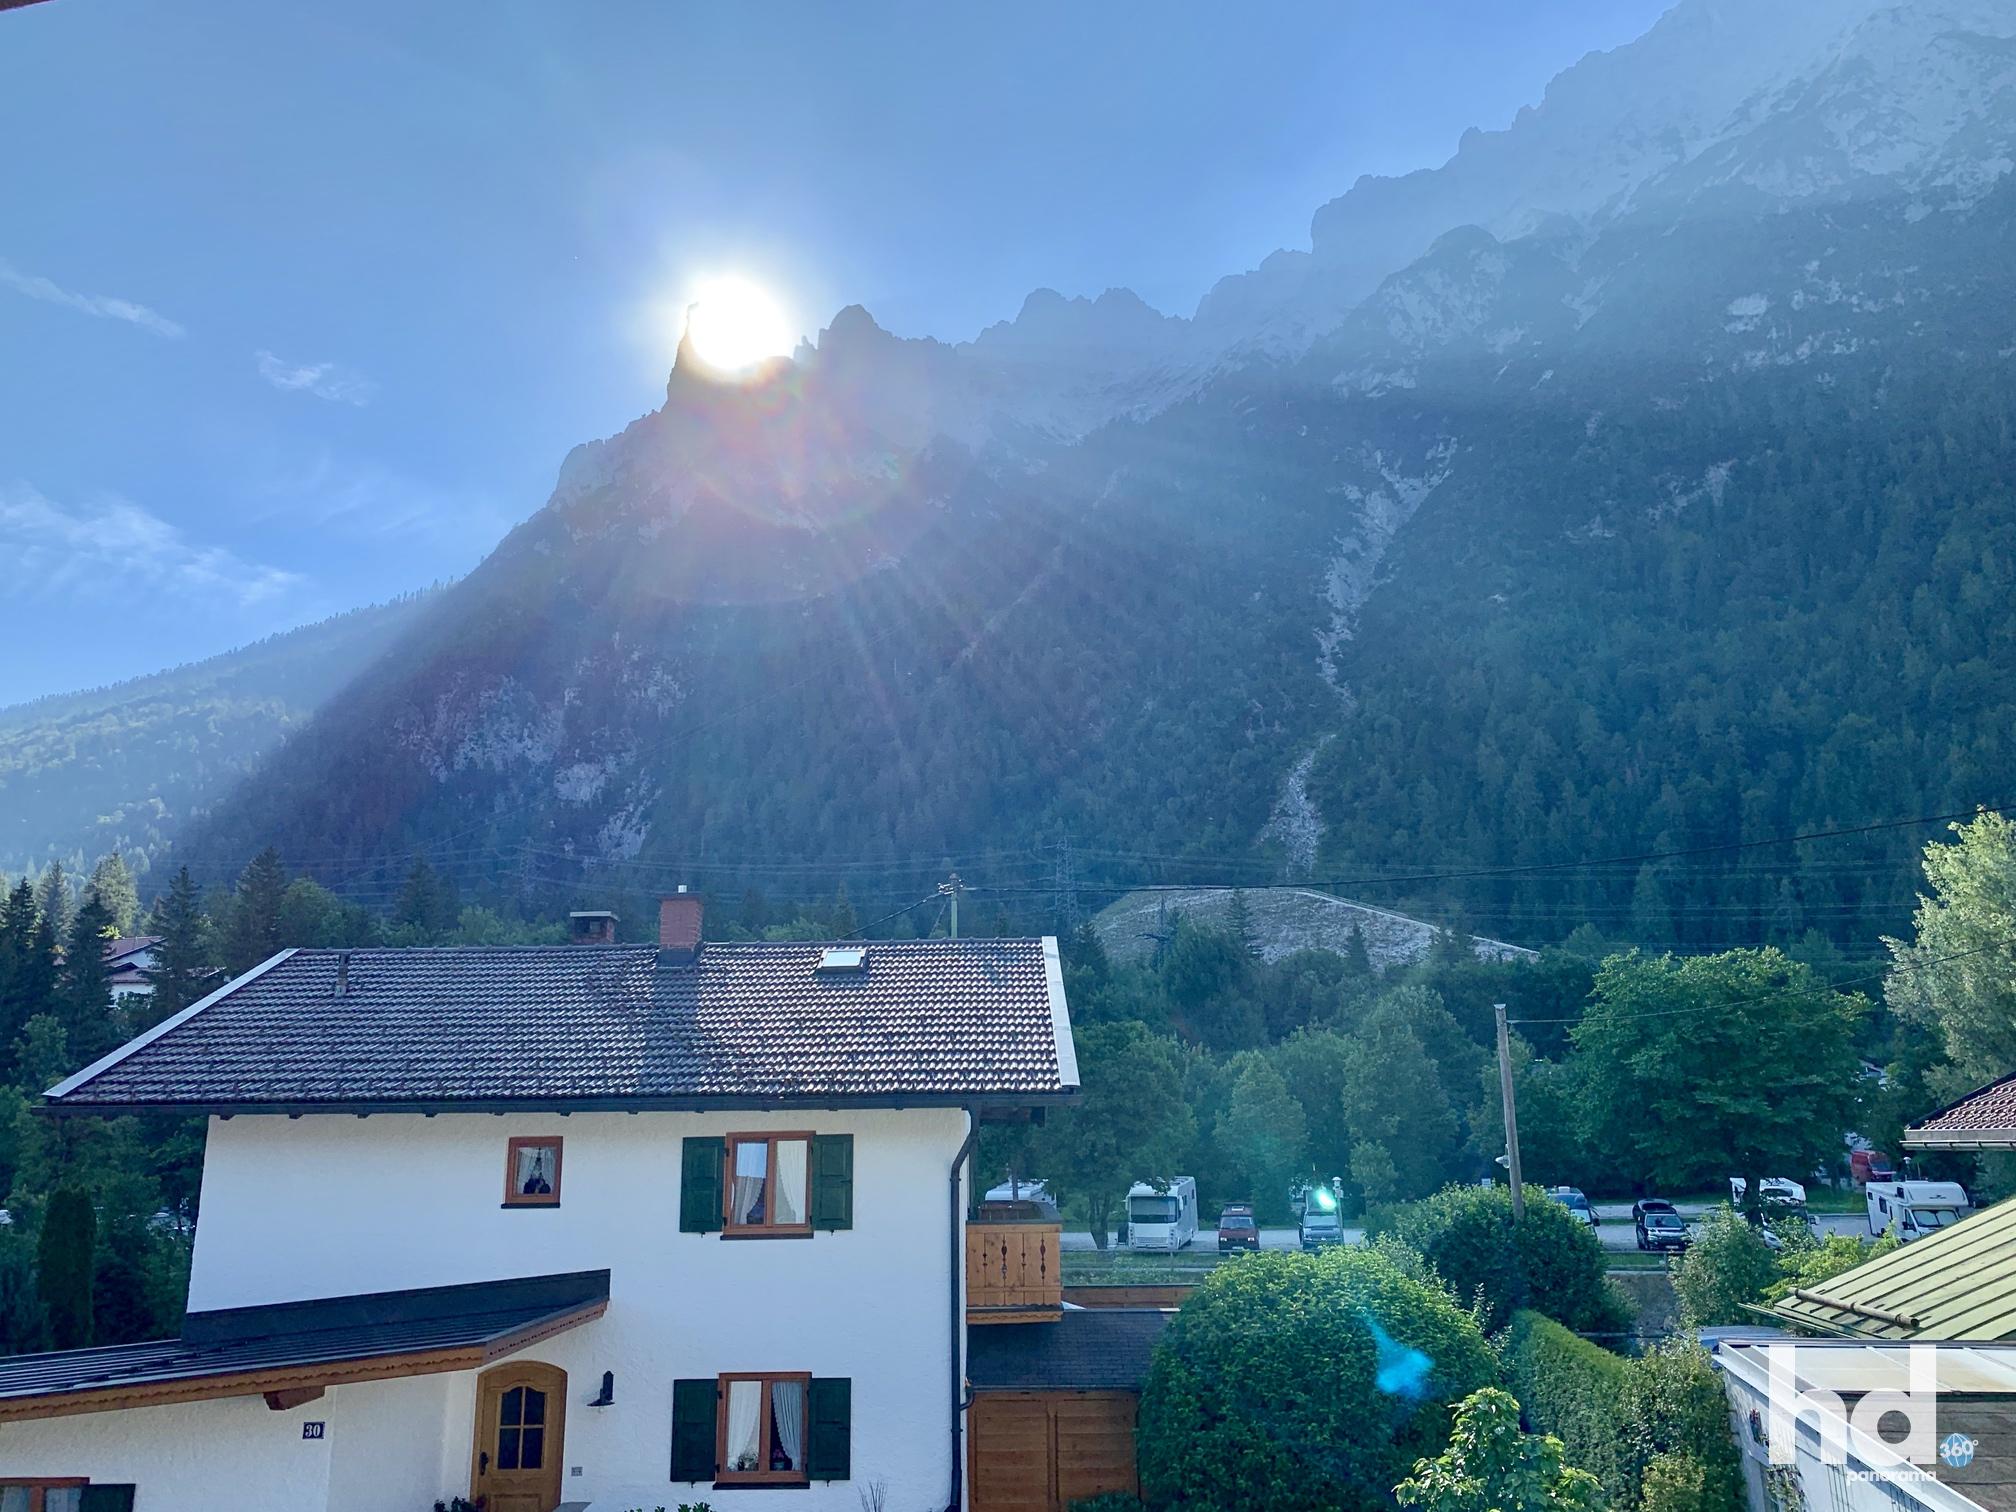 Herrlicher Sonnenaufgang an der westlichen Karwendelspitze, Foto © HD-Panorama